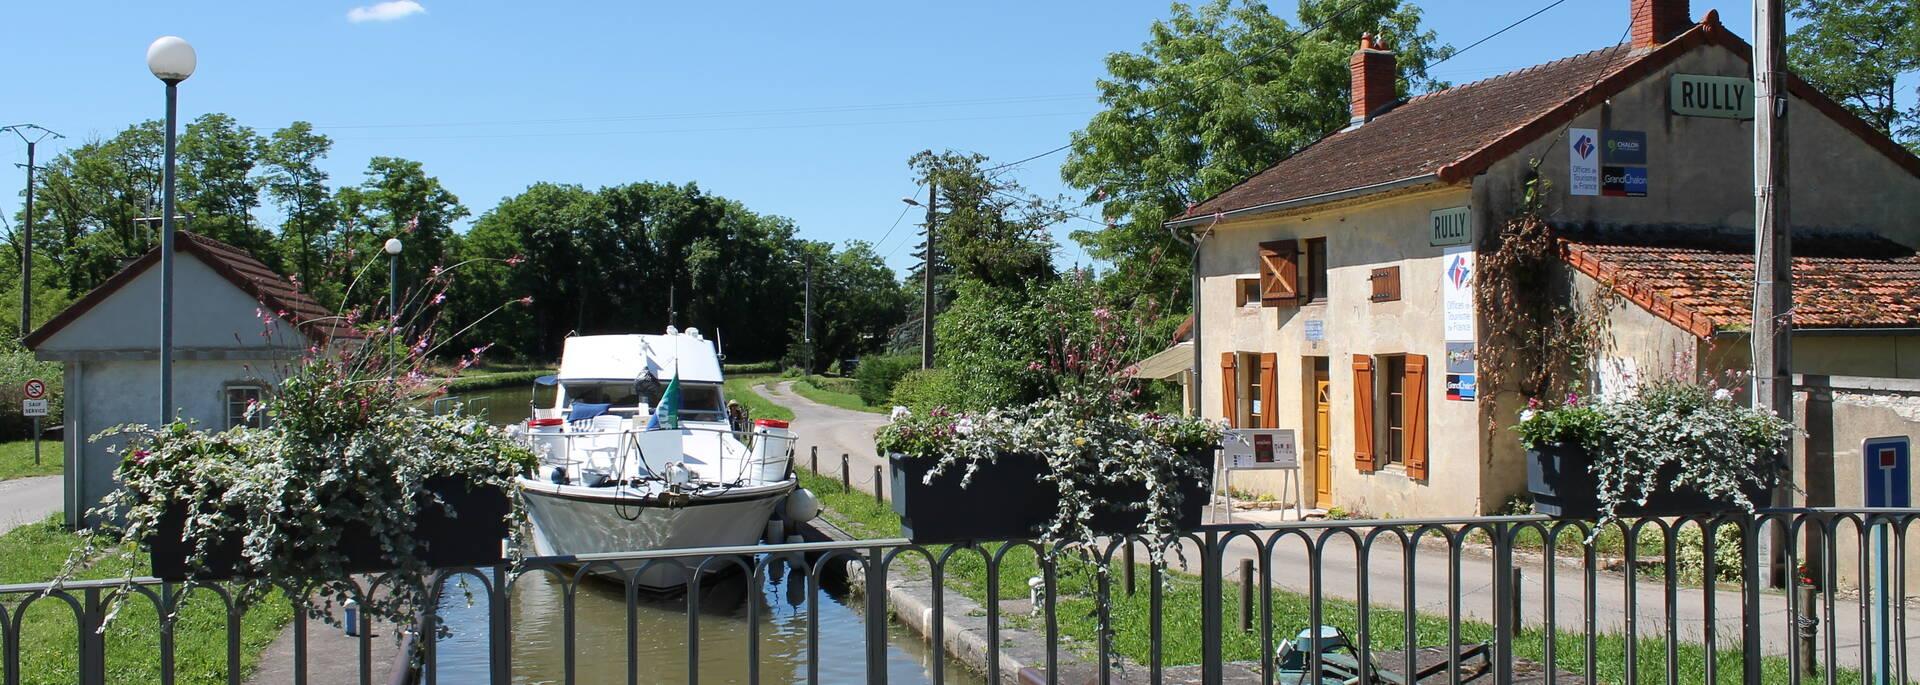 Canal du centre Entre Chalon sur Saône et Rully